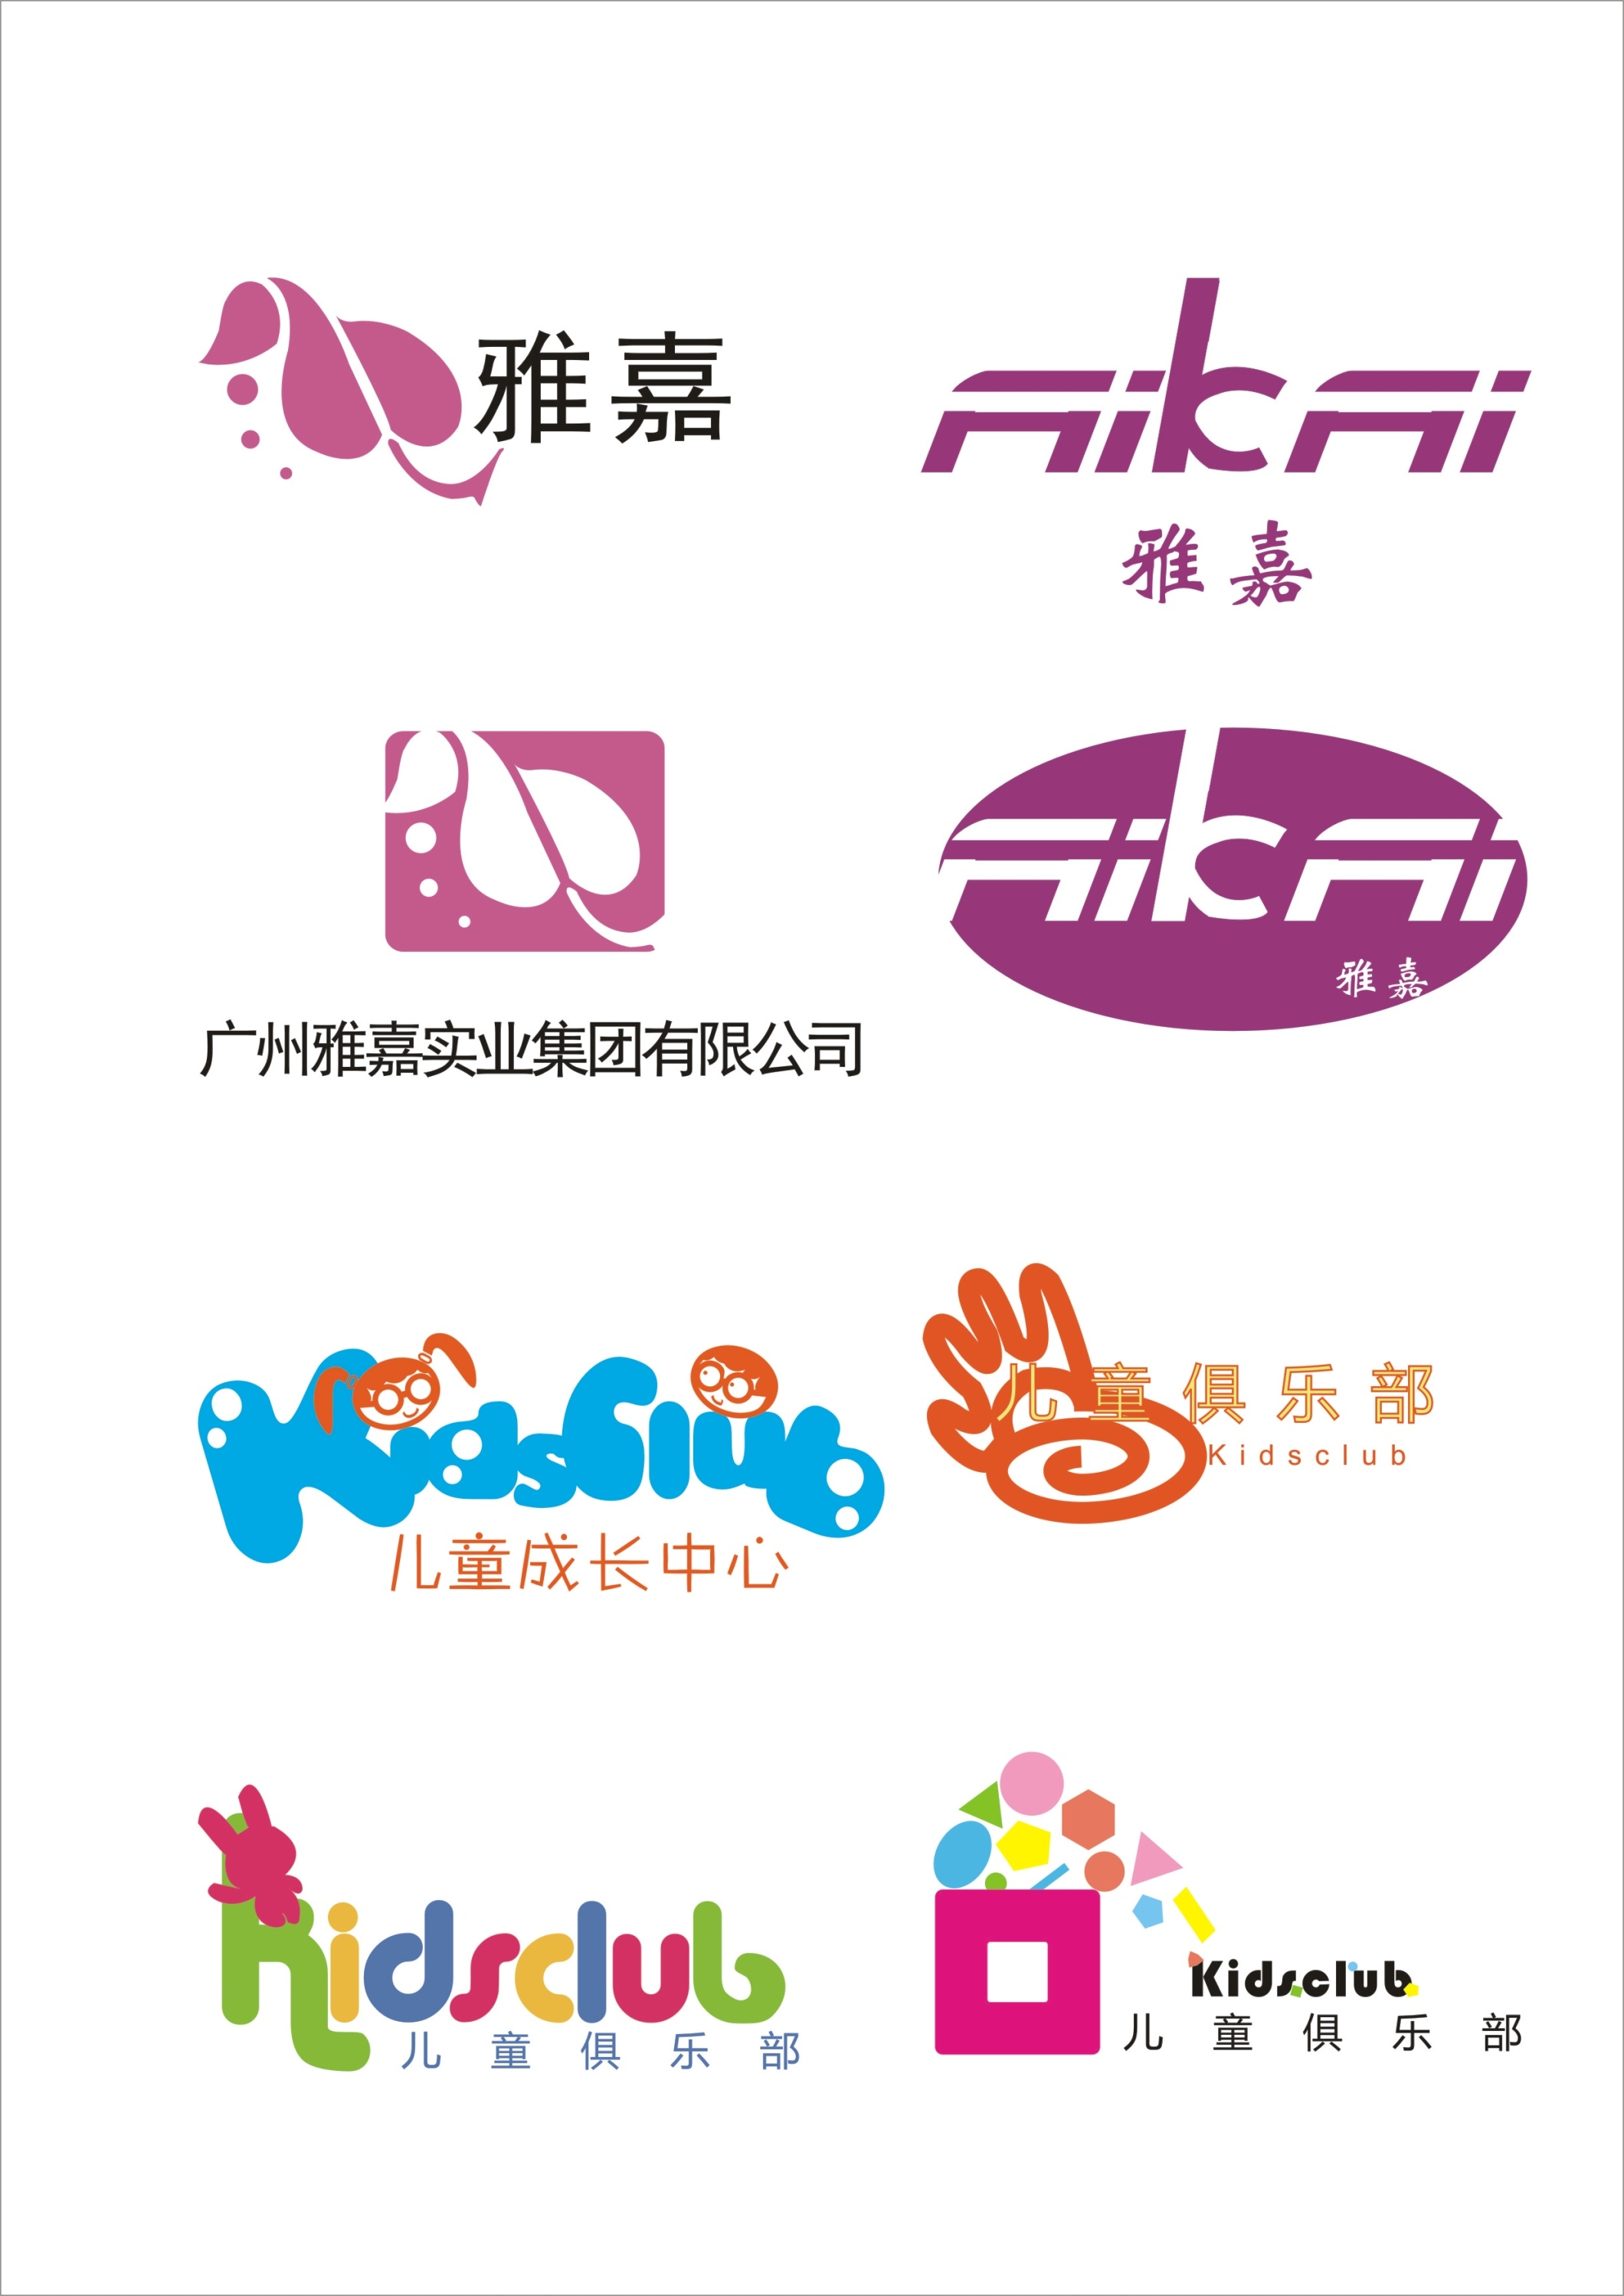 儿童俱乐部标志设计图片